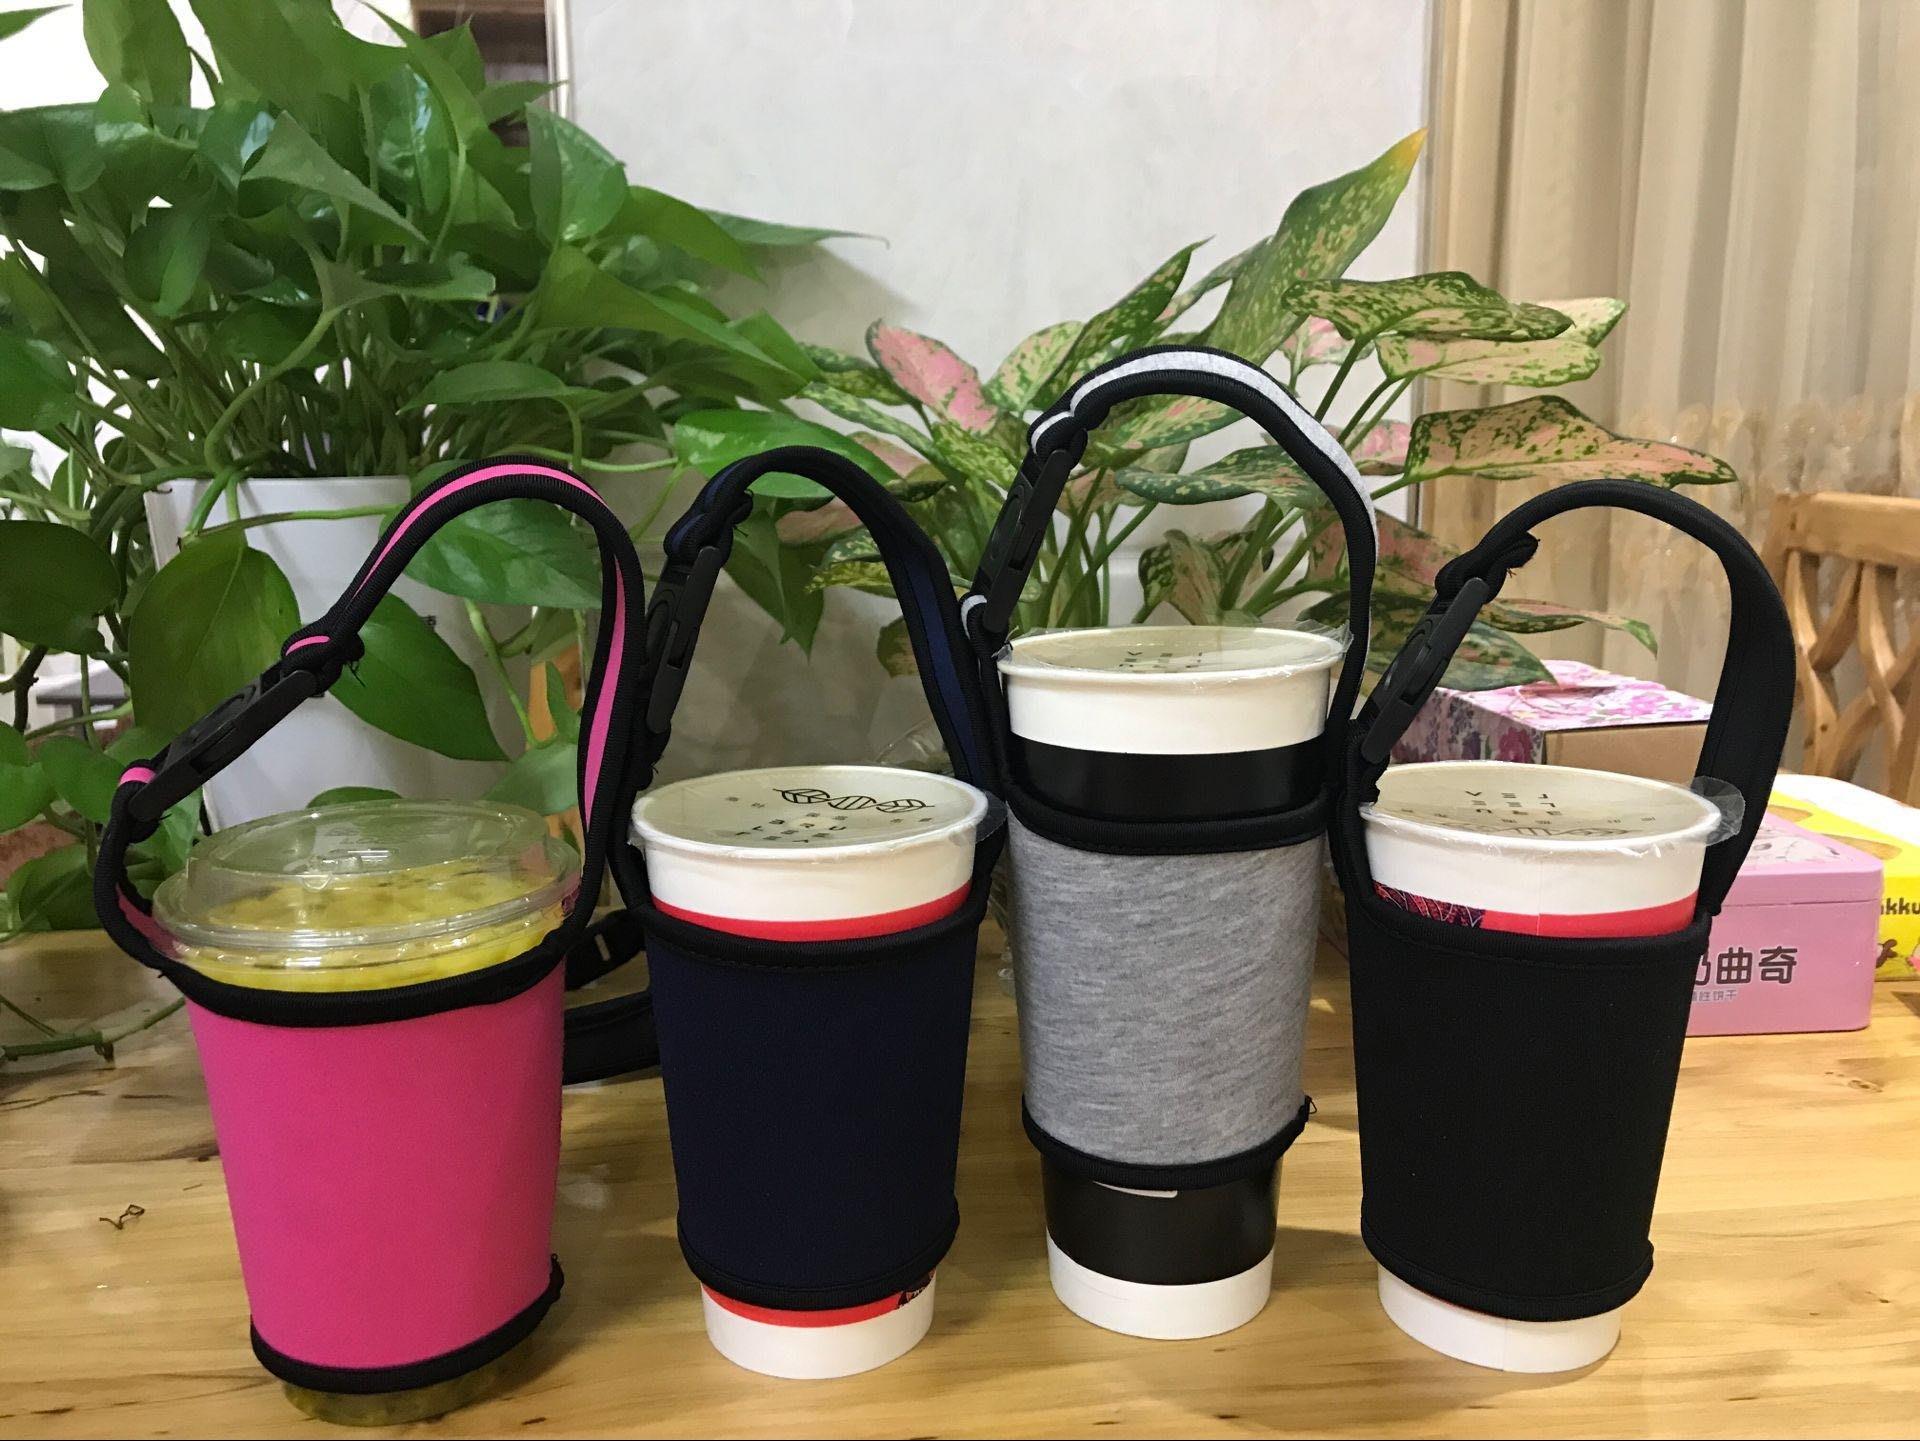 手搖飲料 500/700cc通用型飲料杯套 環保潛水布料杯袋 環保飲料提袋